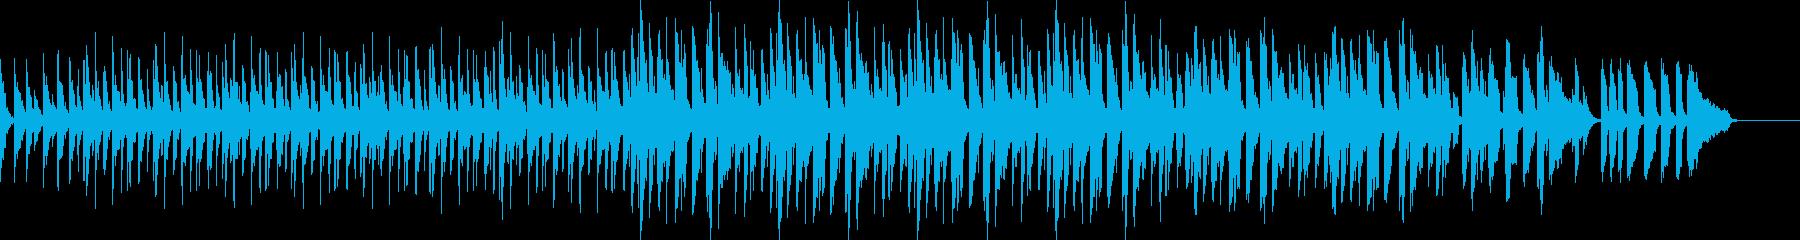 bpm80スウィングベース抜きの再生済みの波形